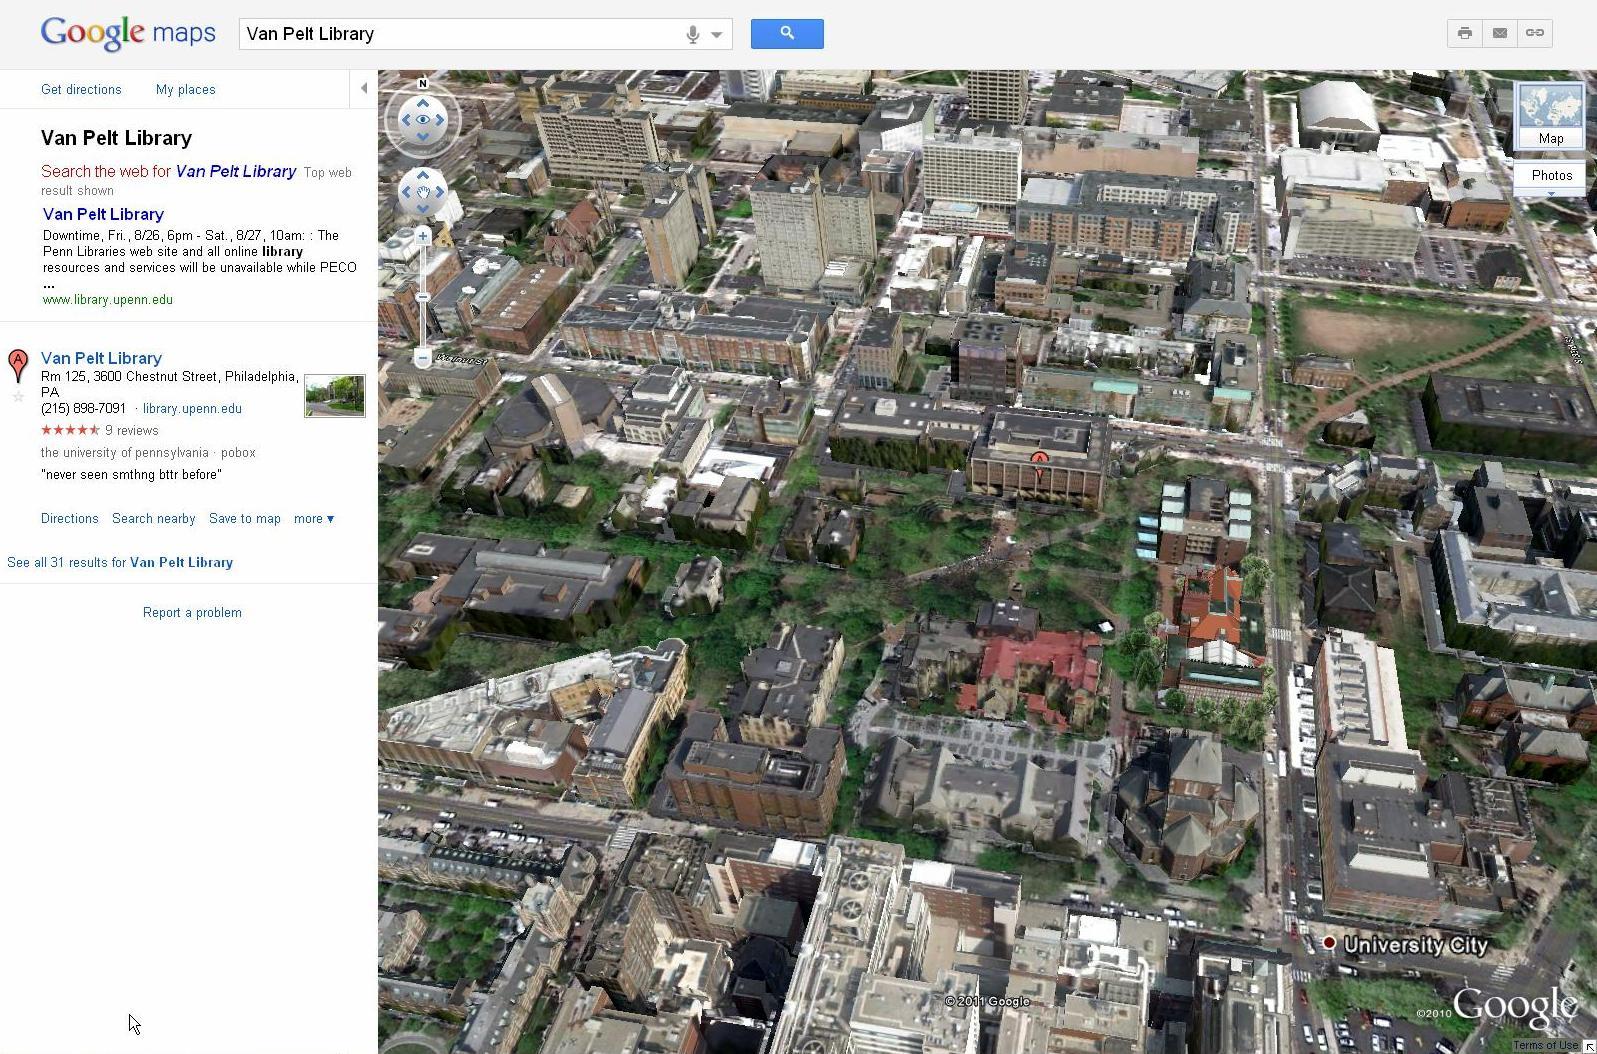 Como puedo copiar una foto de google maps 66